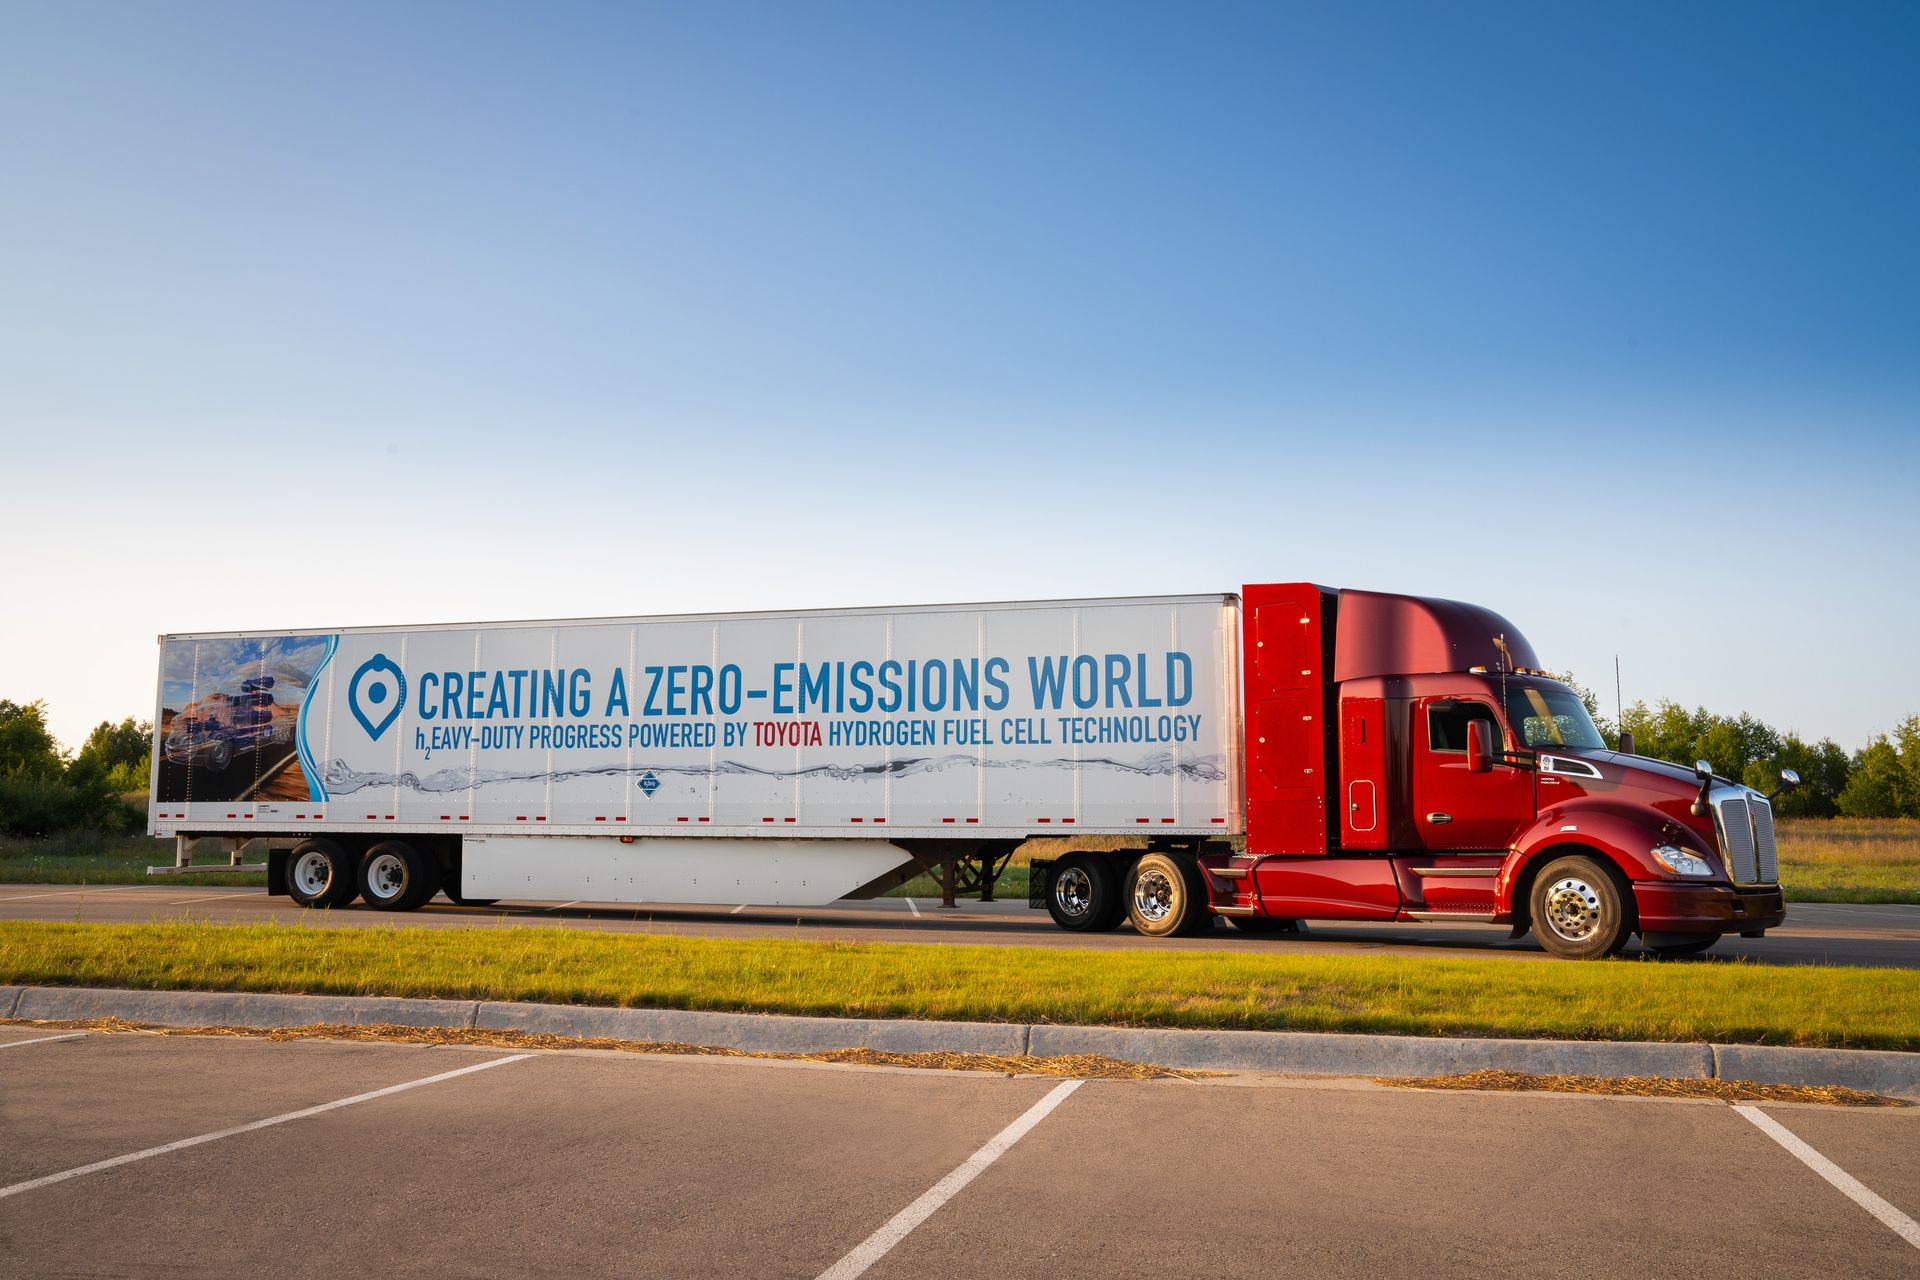 Innovatív elektromos és hidrogénnel működő üzemanyagcellás tehergépkocsikat mutat be a PACCAR a CES 2019 kiállításon